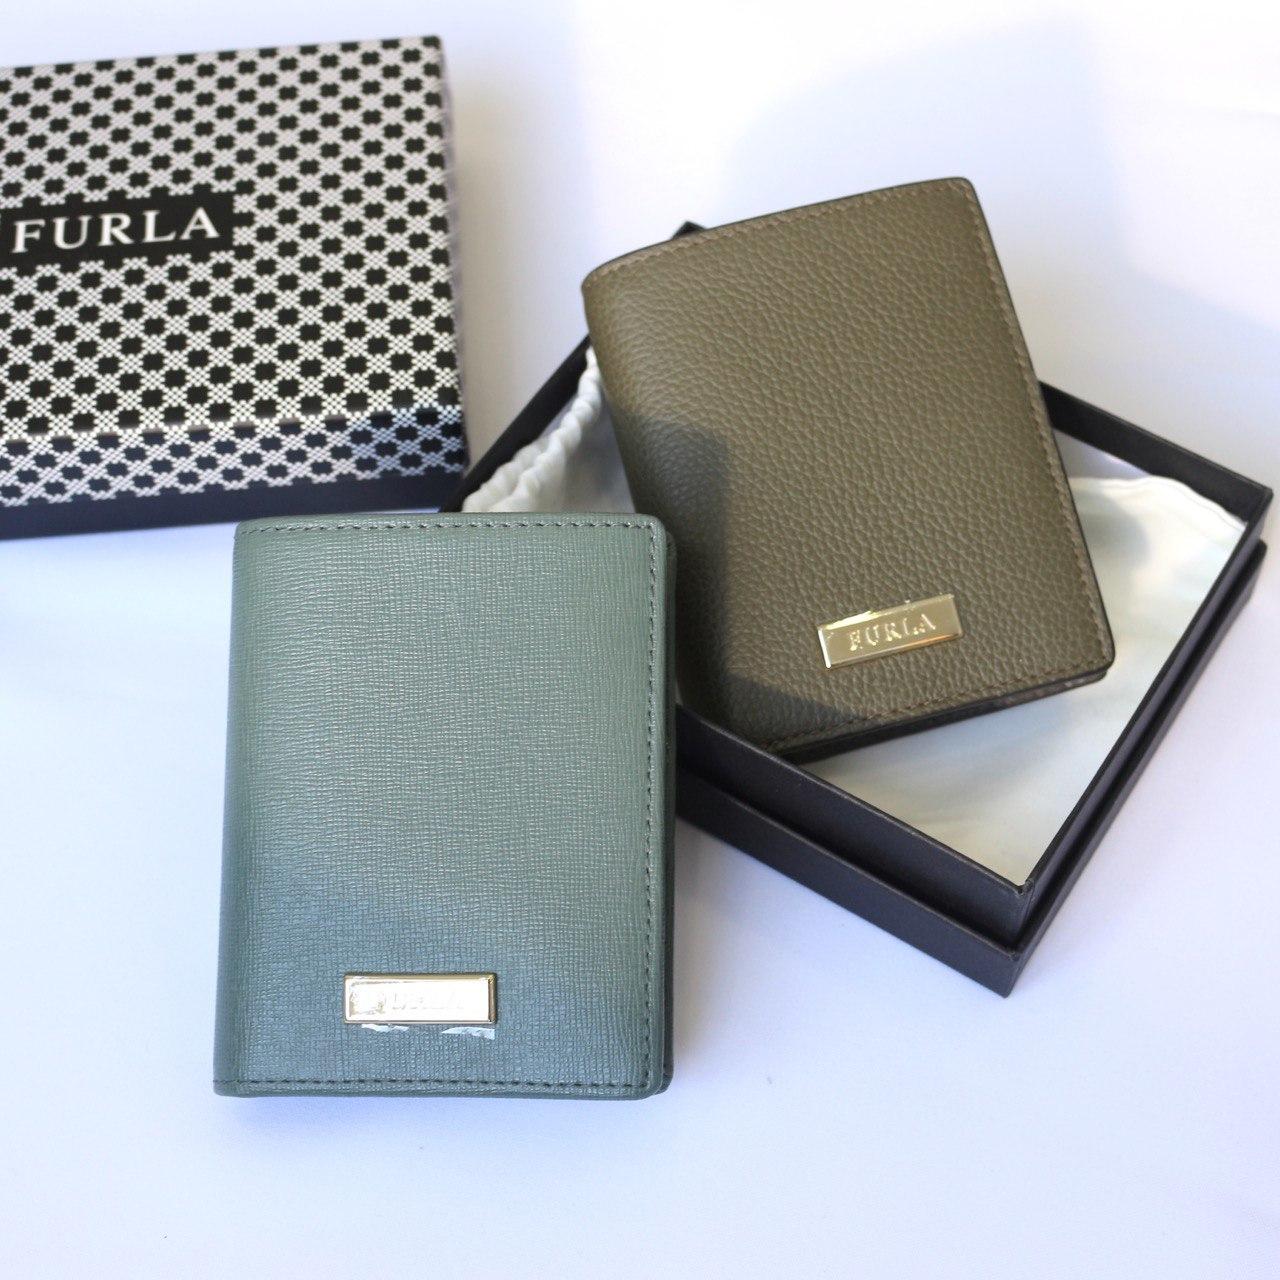 Кошелек FURLA B30 Classic кожаный женский маленький